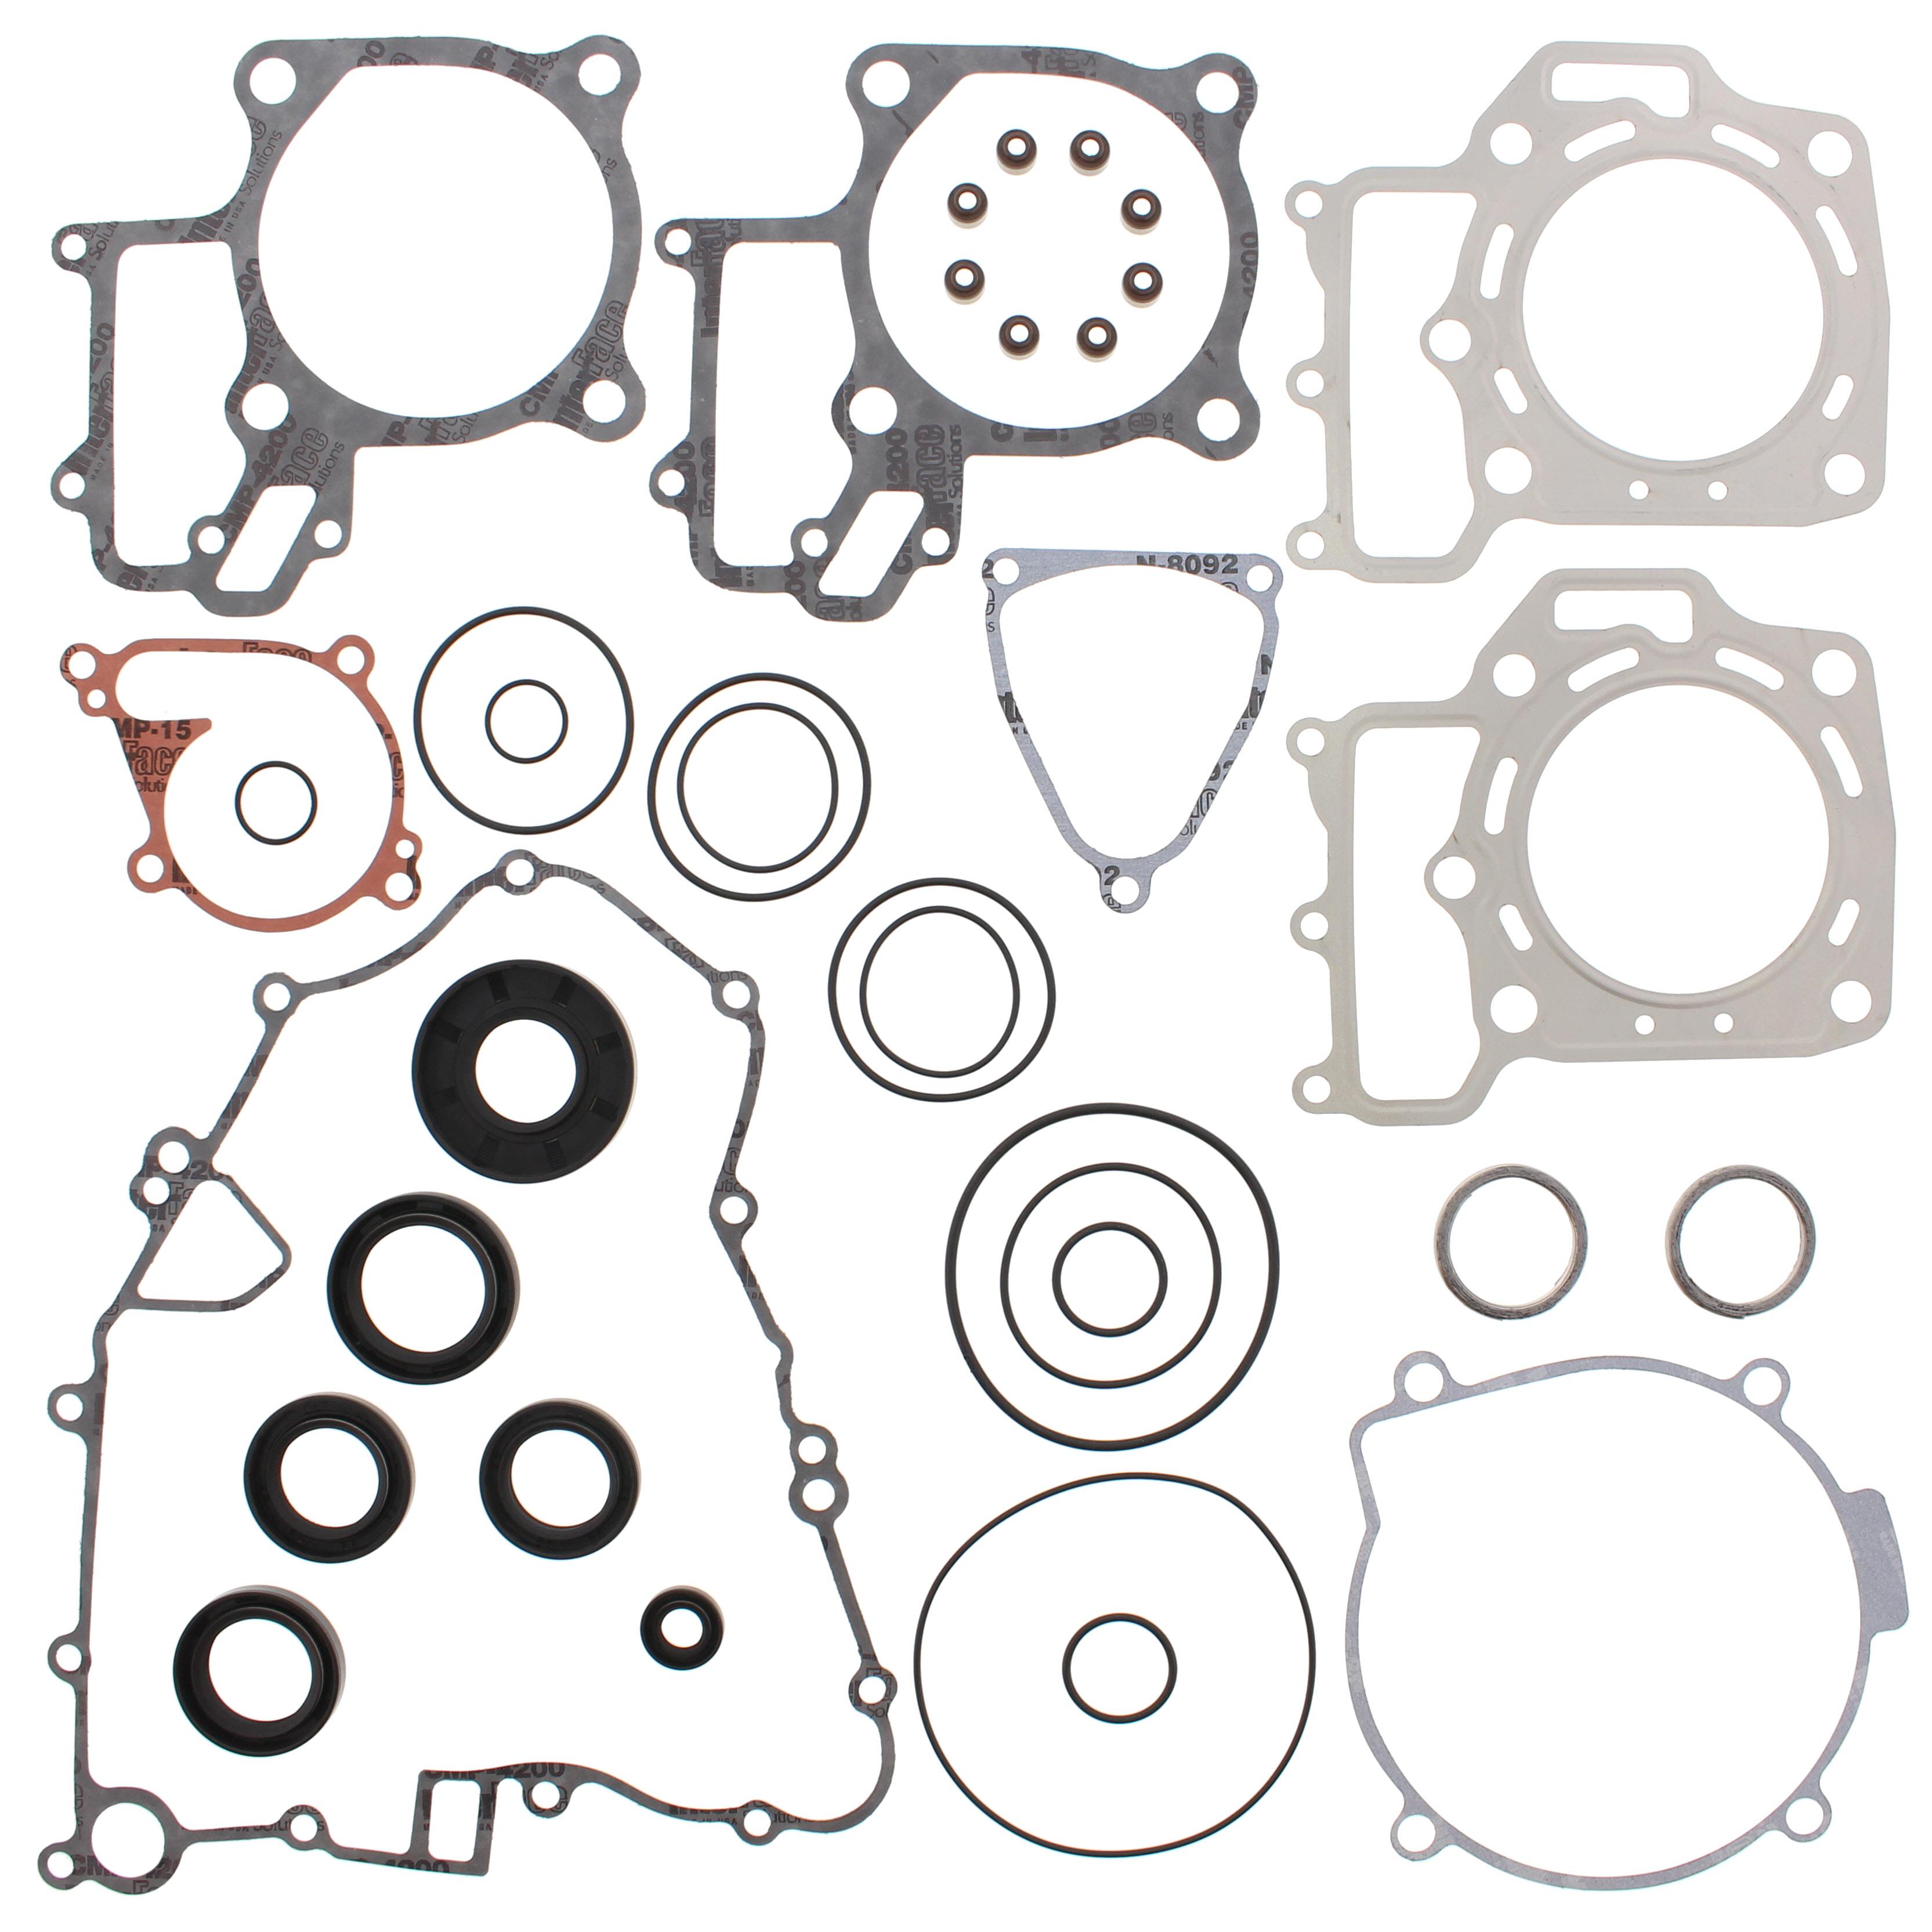 New Complete Gasket Kit w/ Oil Seals Kawasaki KVF650 Brute